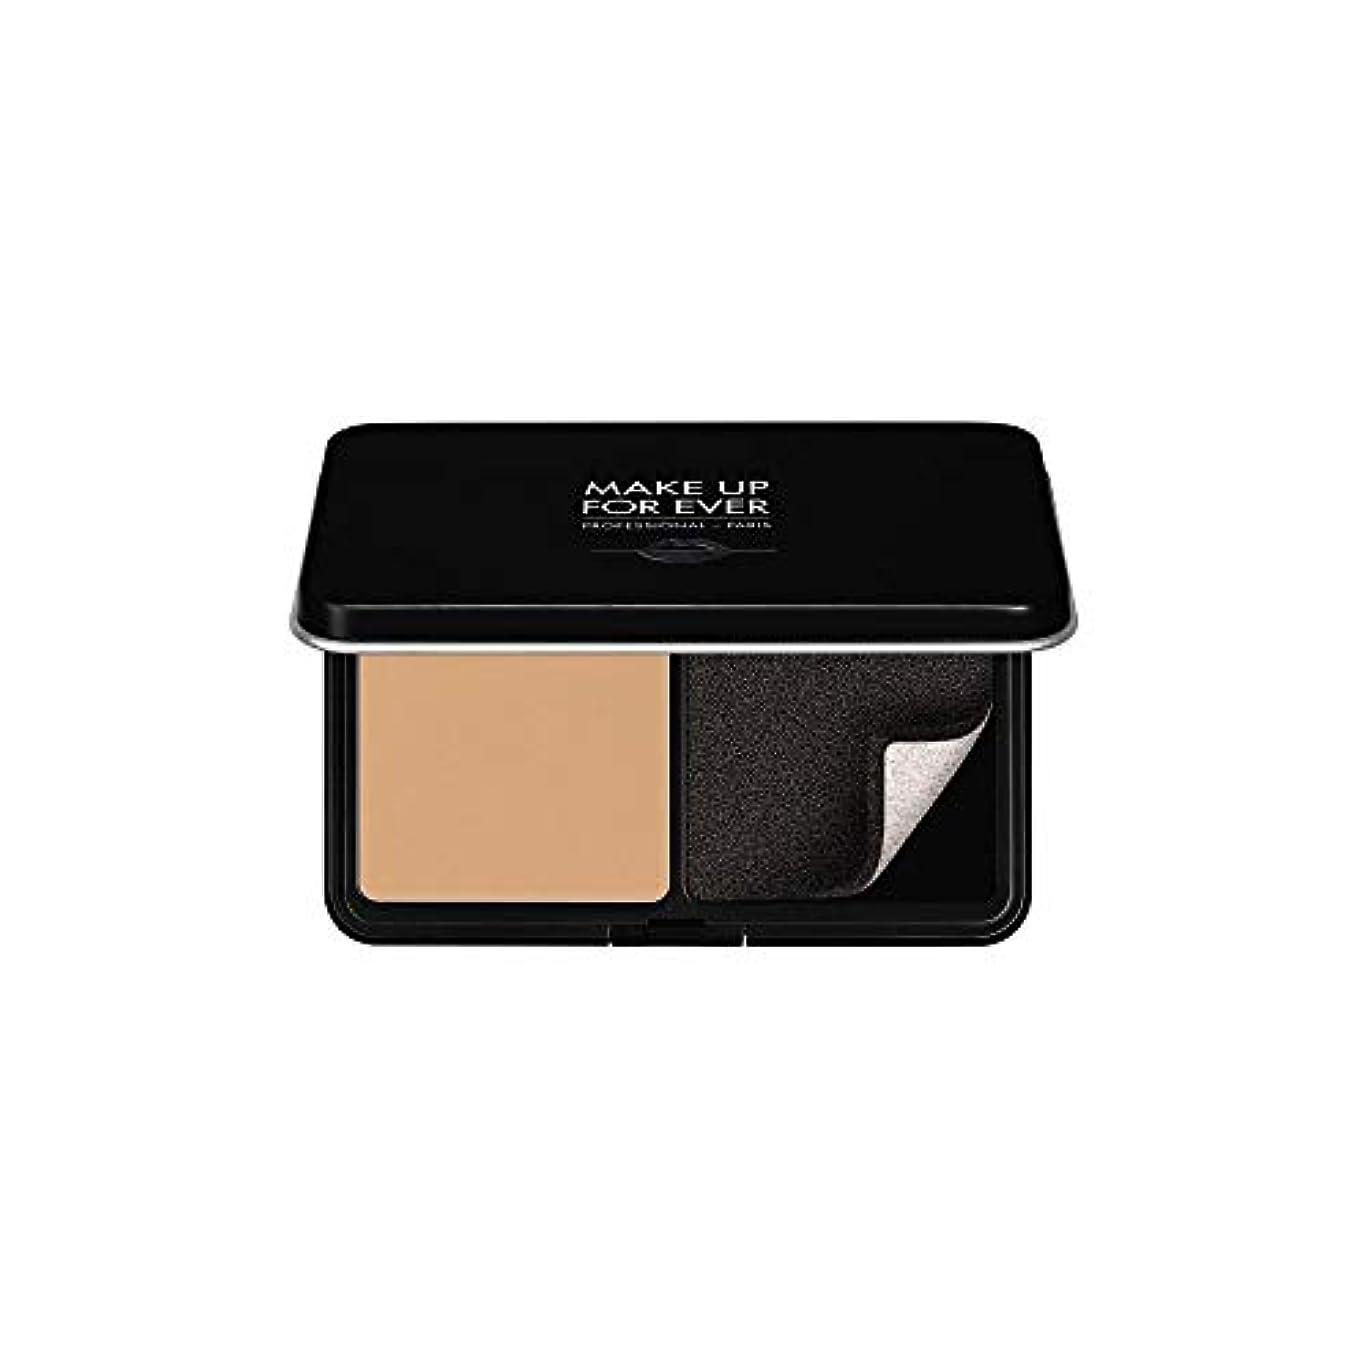 うれしいたくさんの膿瘍メイクアップフォーエバー Matte Velvet Skin Blurring Powder Foundation - # Y355 (Neutral Beige) 11g/0.38oz並行輸入品